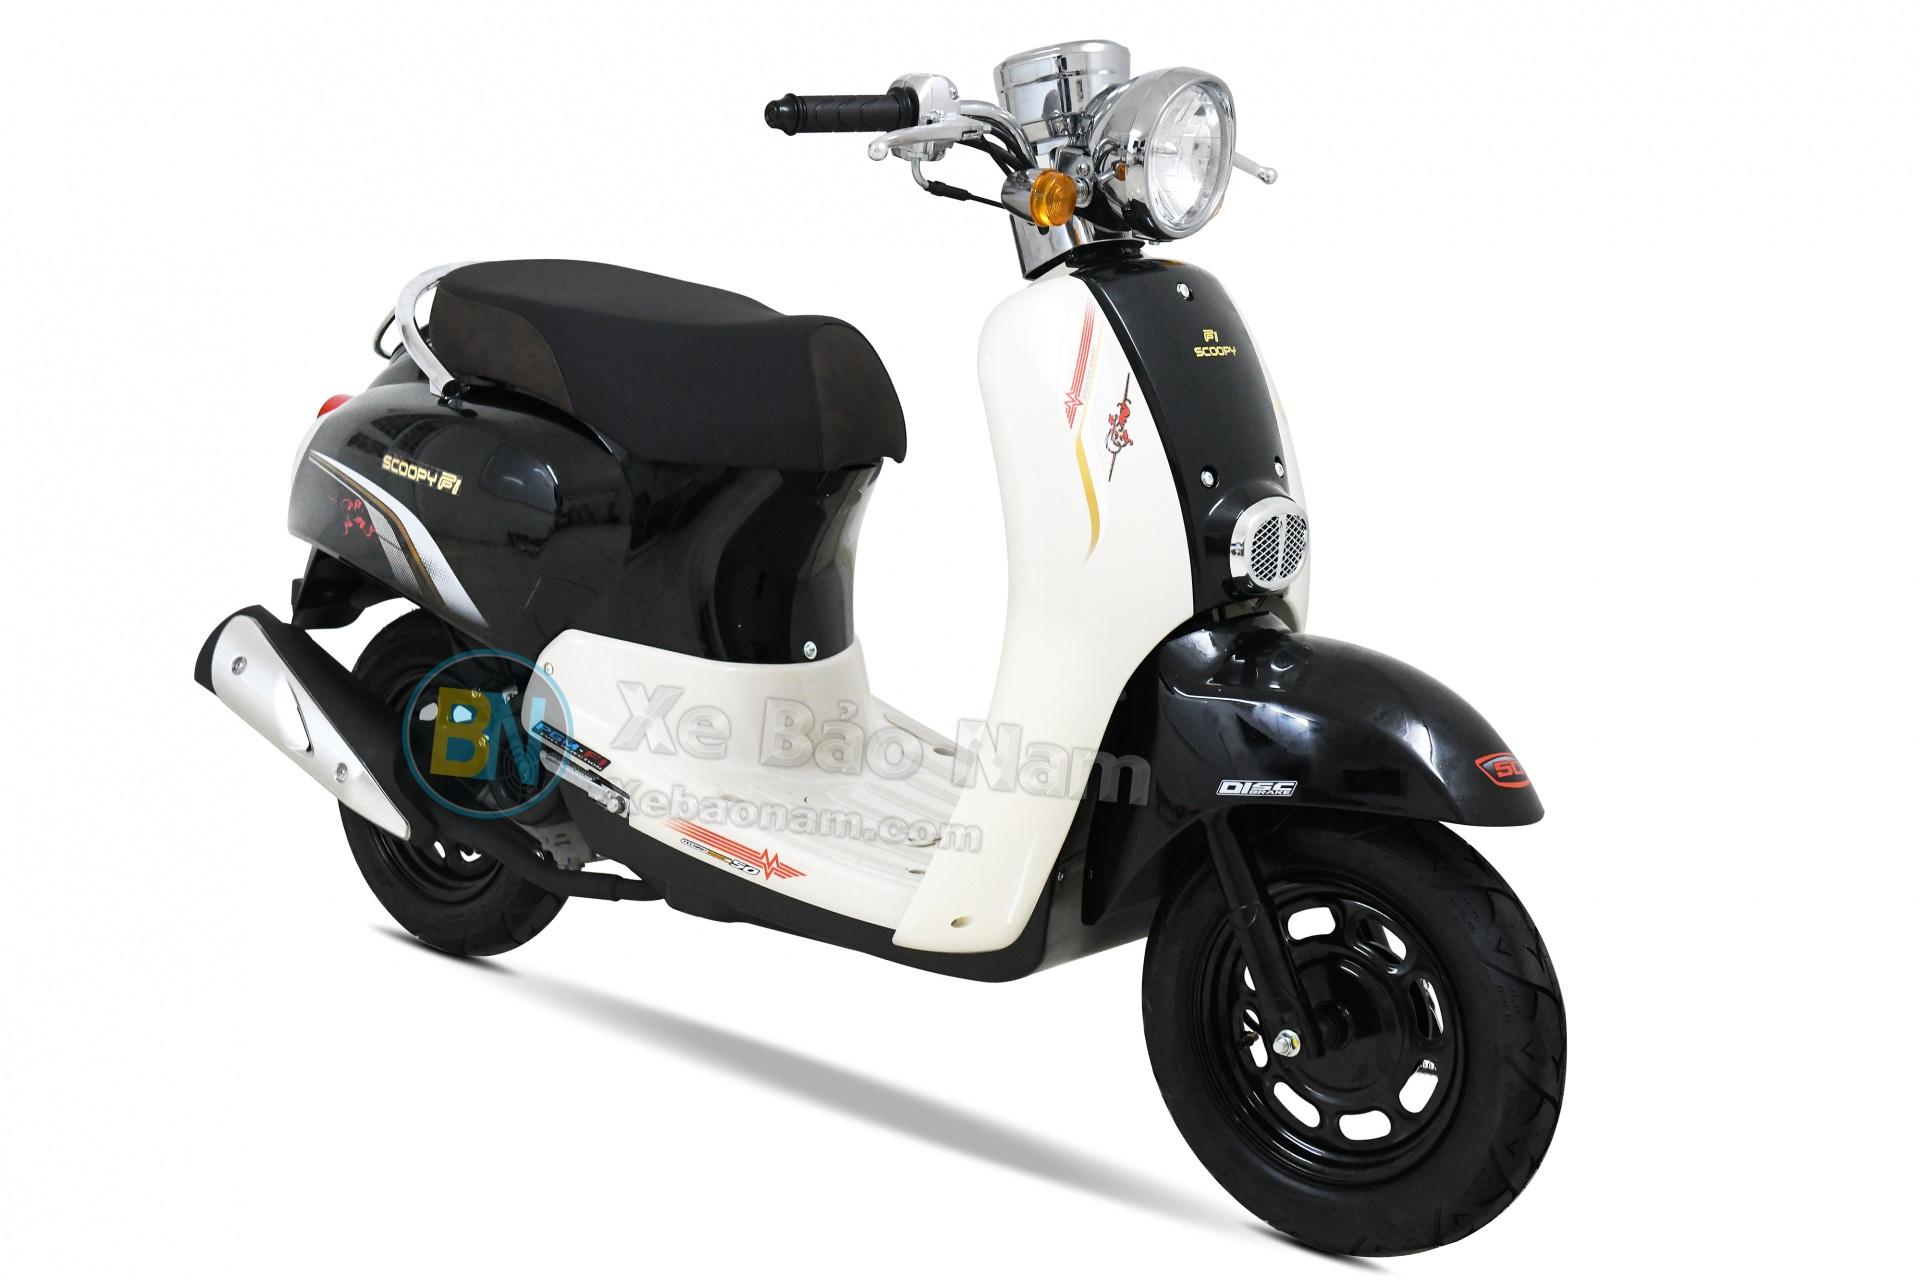 xe-ga-50cc-crea-honda-2